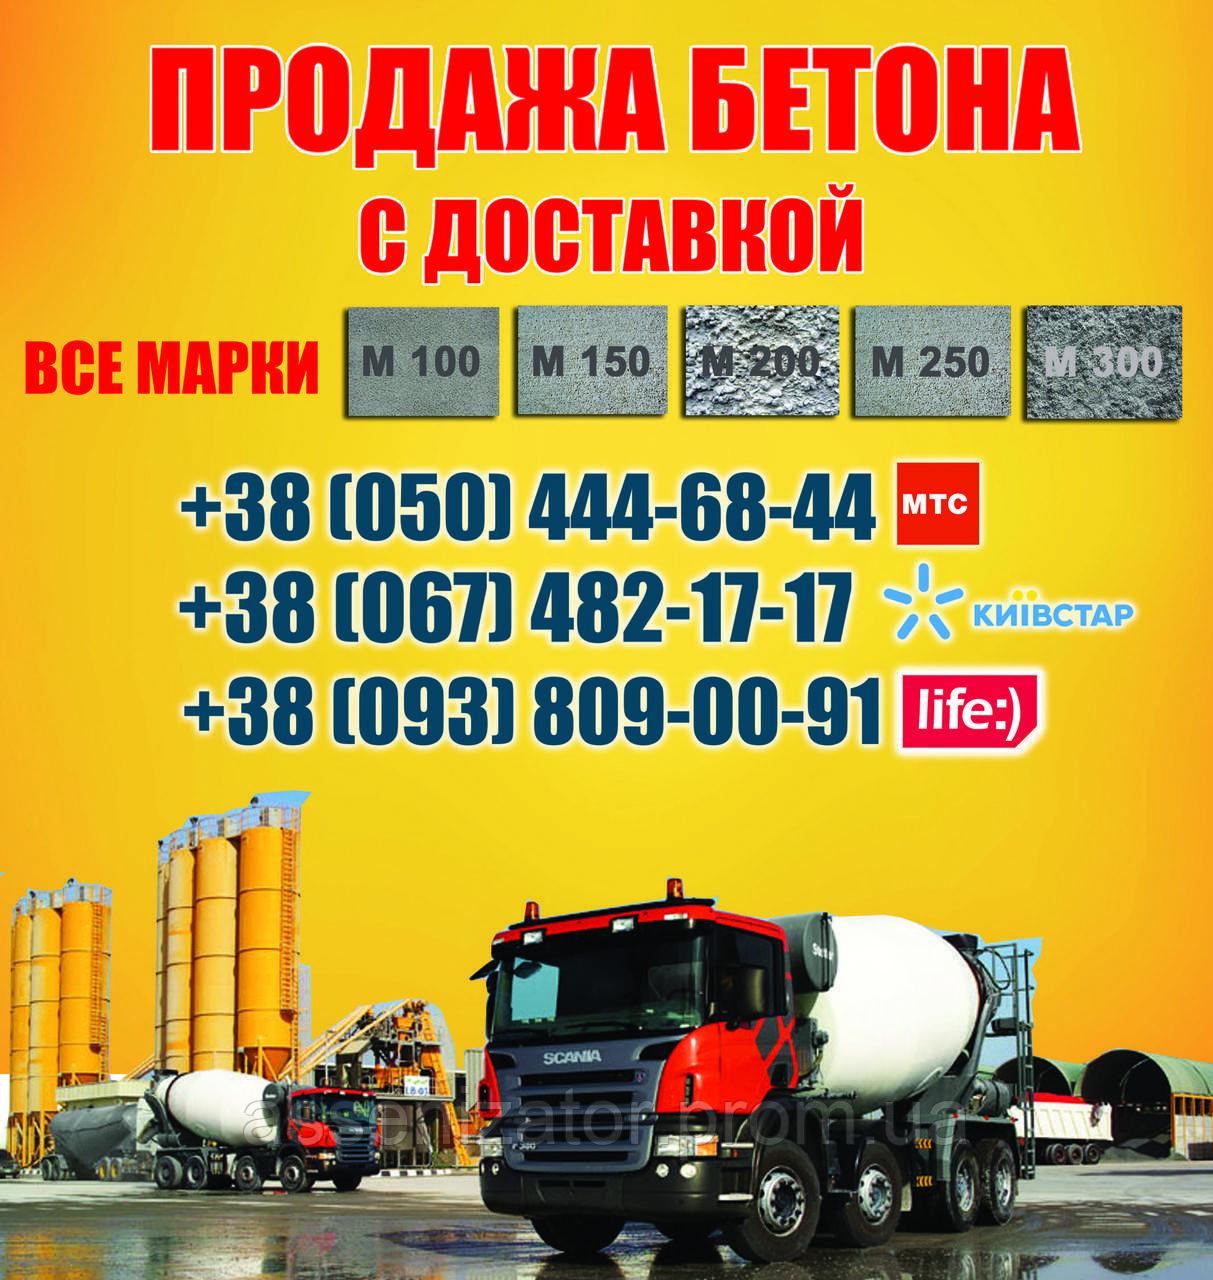 Бетон Енакиево. Купить бетон в Енакиево. Цена за куб по Енакиево. Купить с доставкой Енакиево.